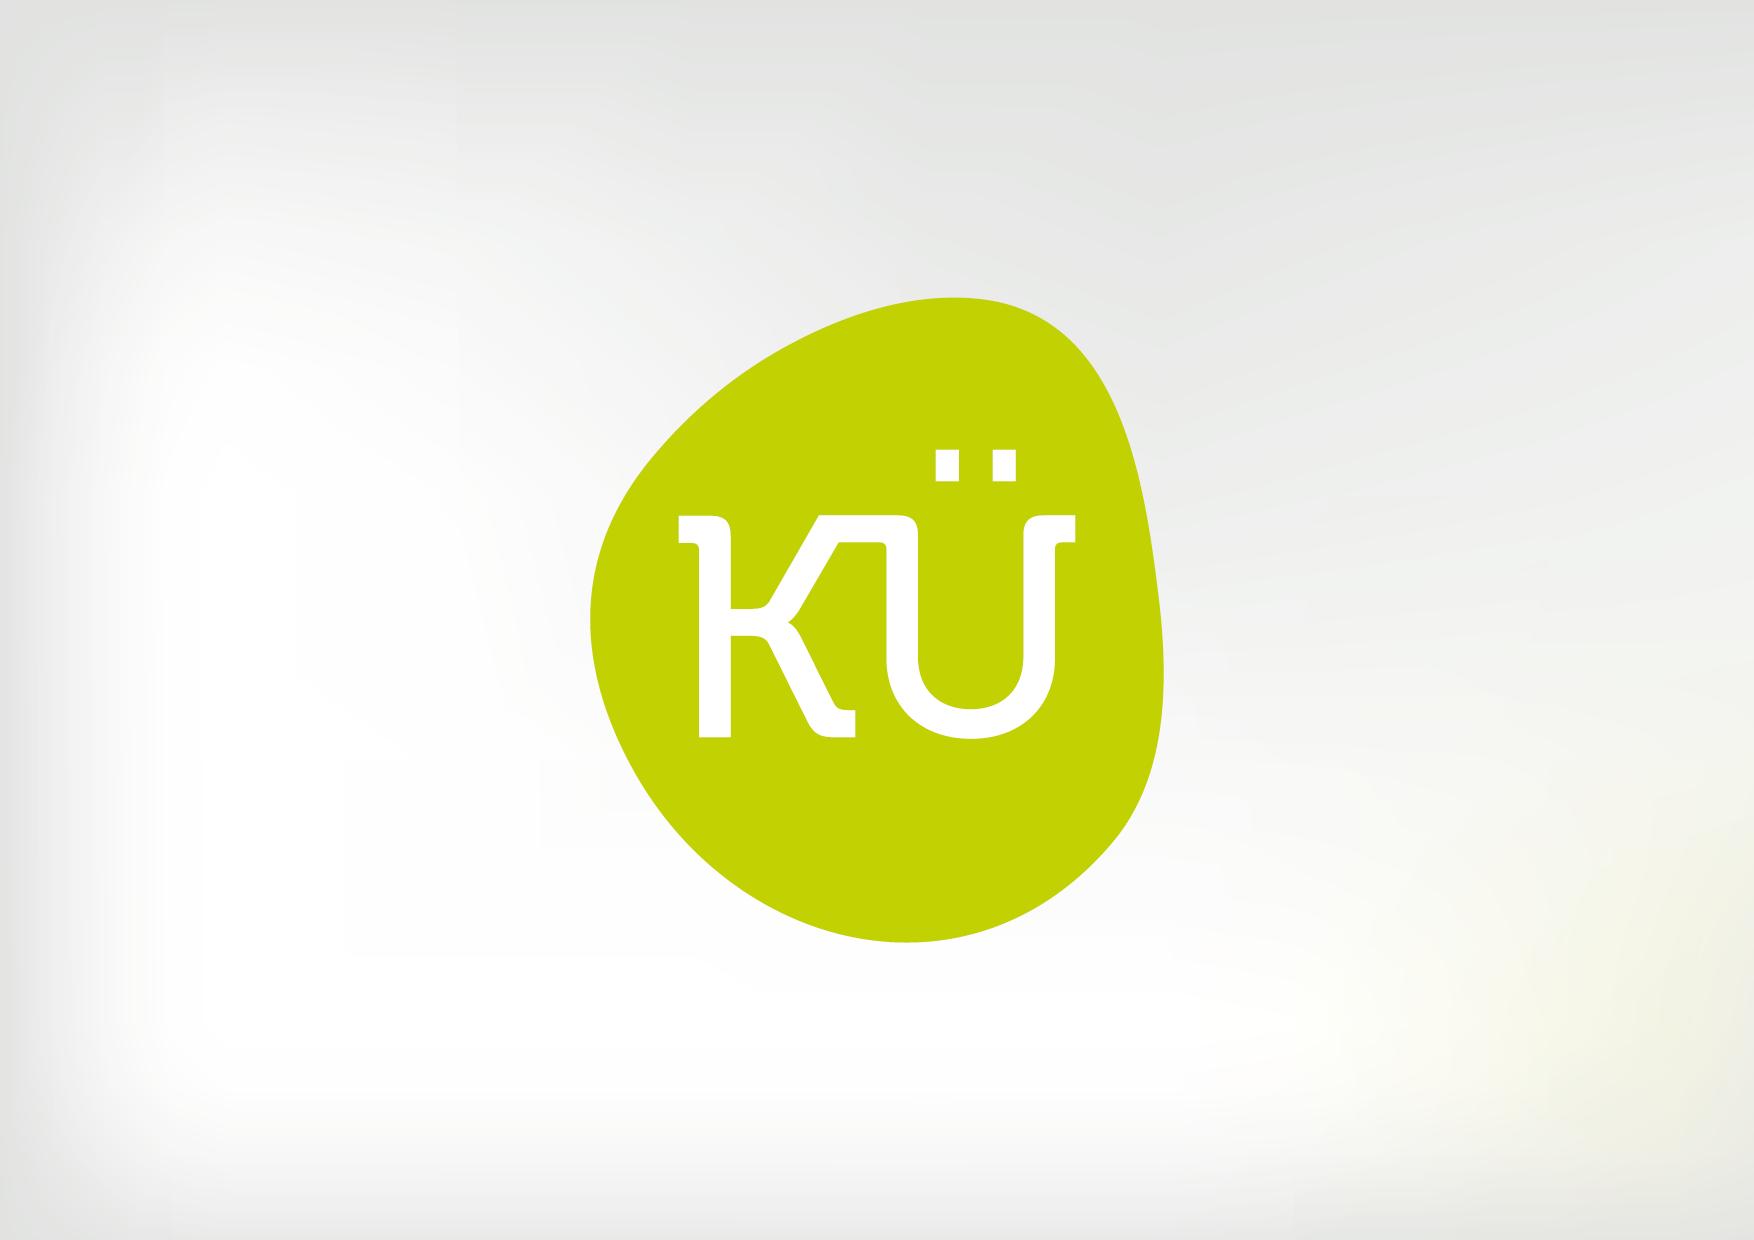 ku_logo-01.png